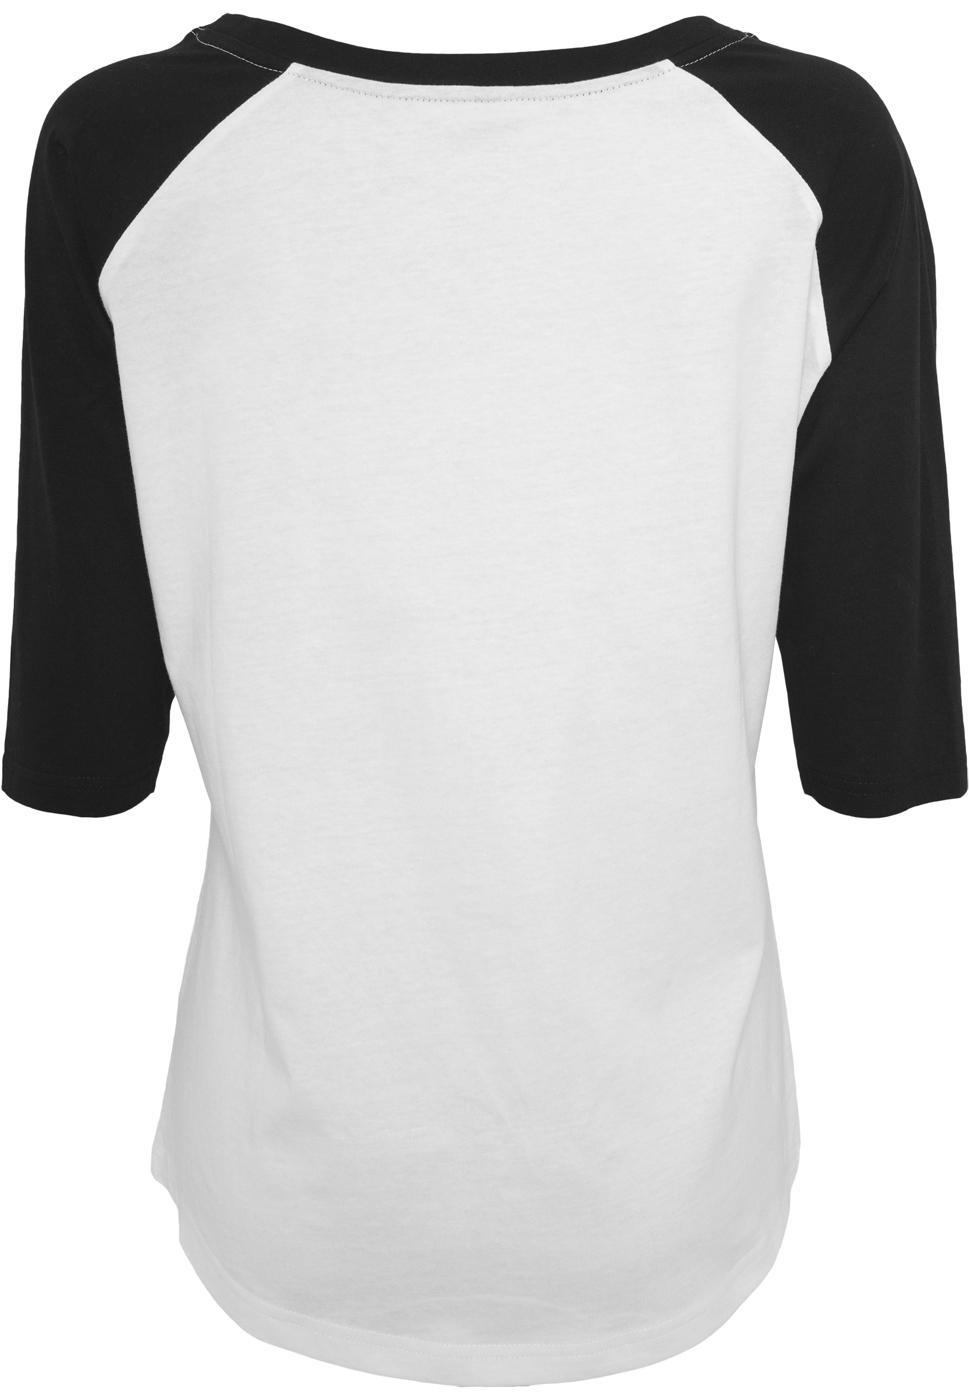 Ladies Ramones Circle Raglan Tee - white/black